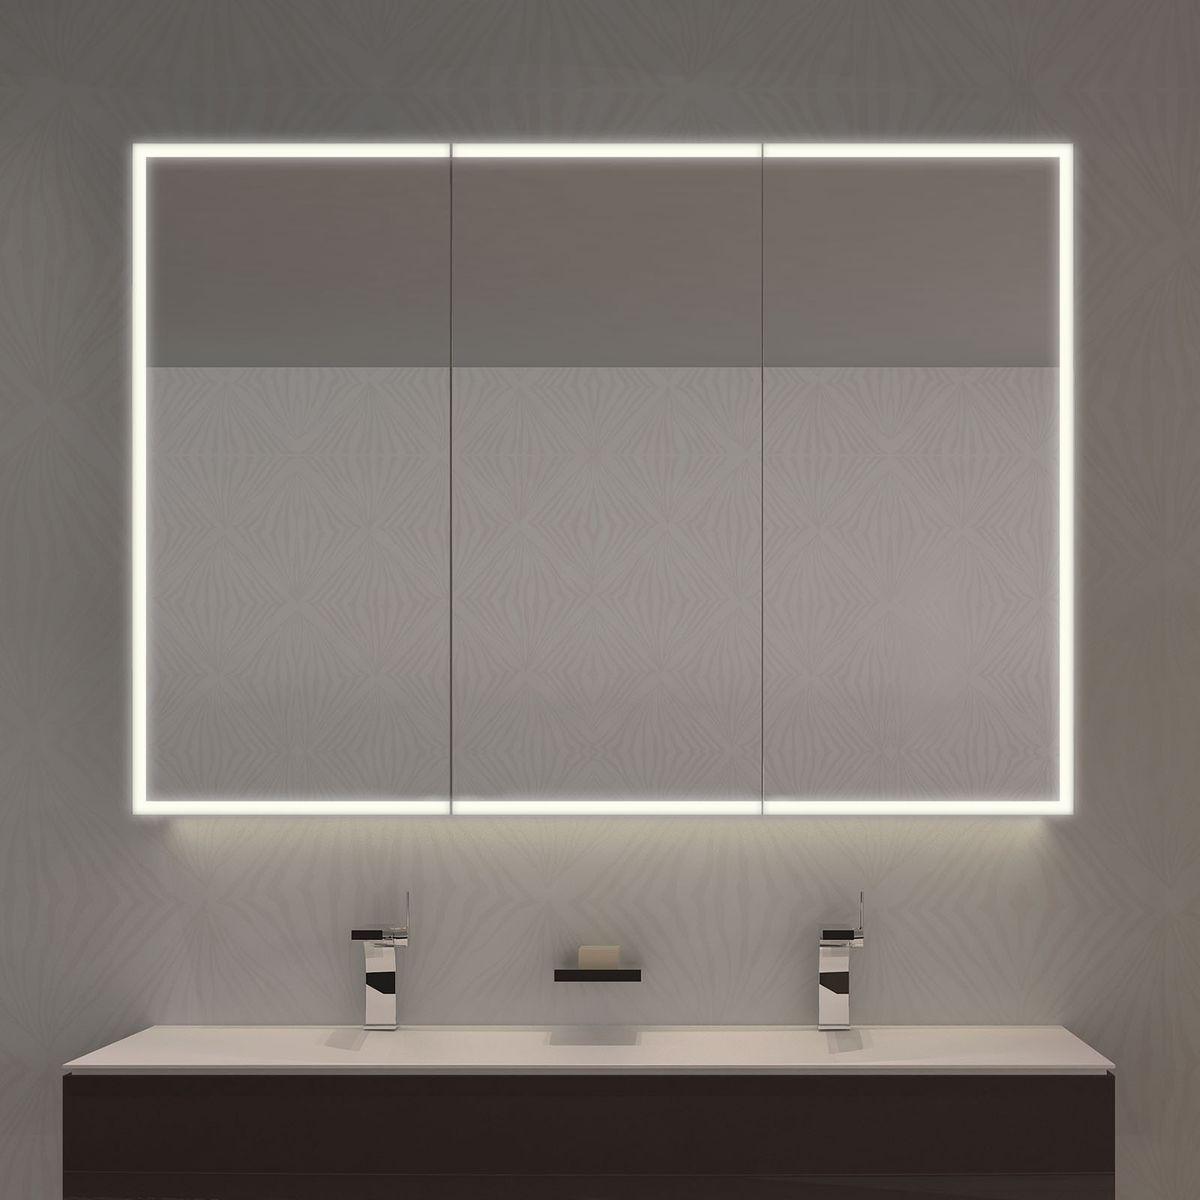 Beleuchtung für die unterputzmontage im esszimmer spiegelschrank nach maß credo  kompakter u sicherer stauraum